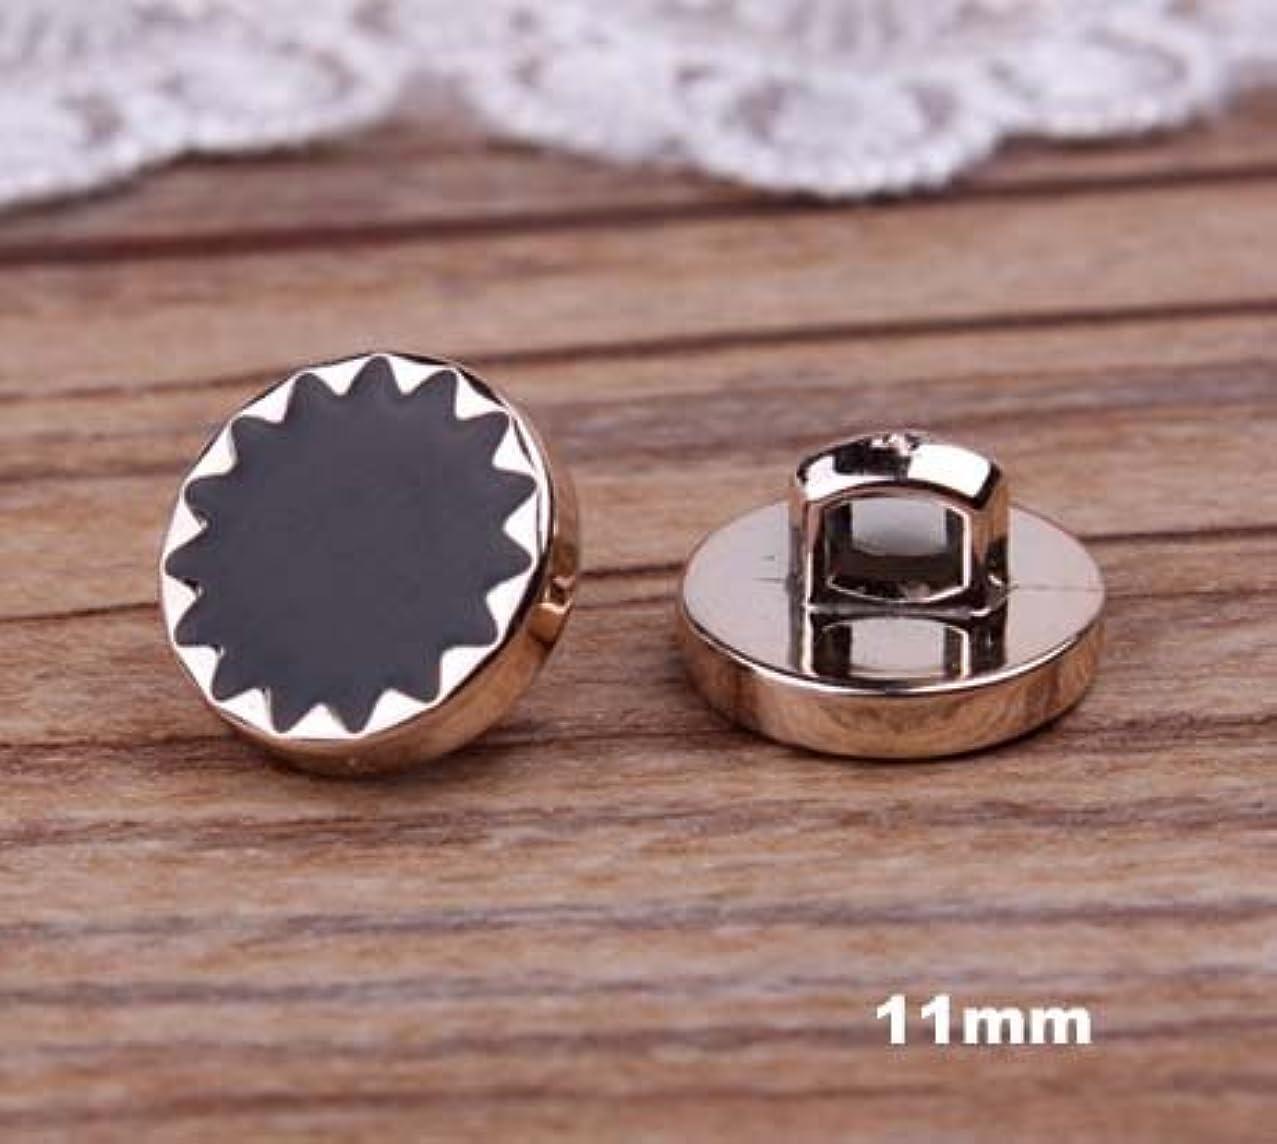 器官ライトニングメタリックPropenary - 30個/ロットプラスチックボタン、ゴールドカラーメッキ縫製スターボタン、アパレル、アクセサリー(AA-45)